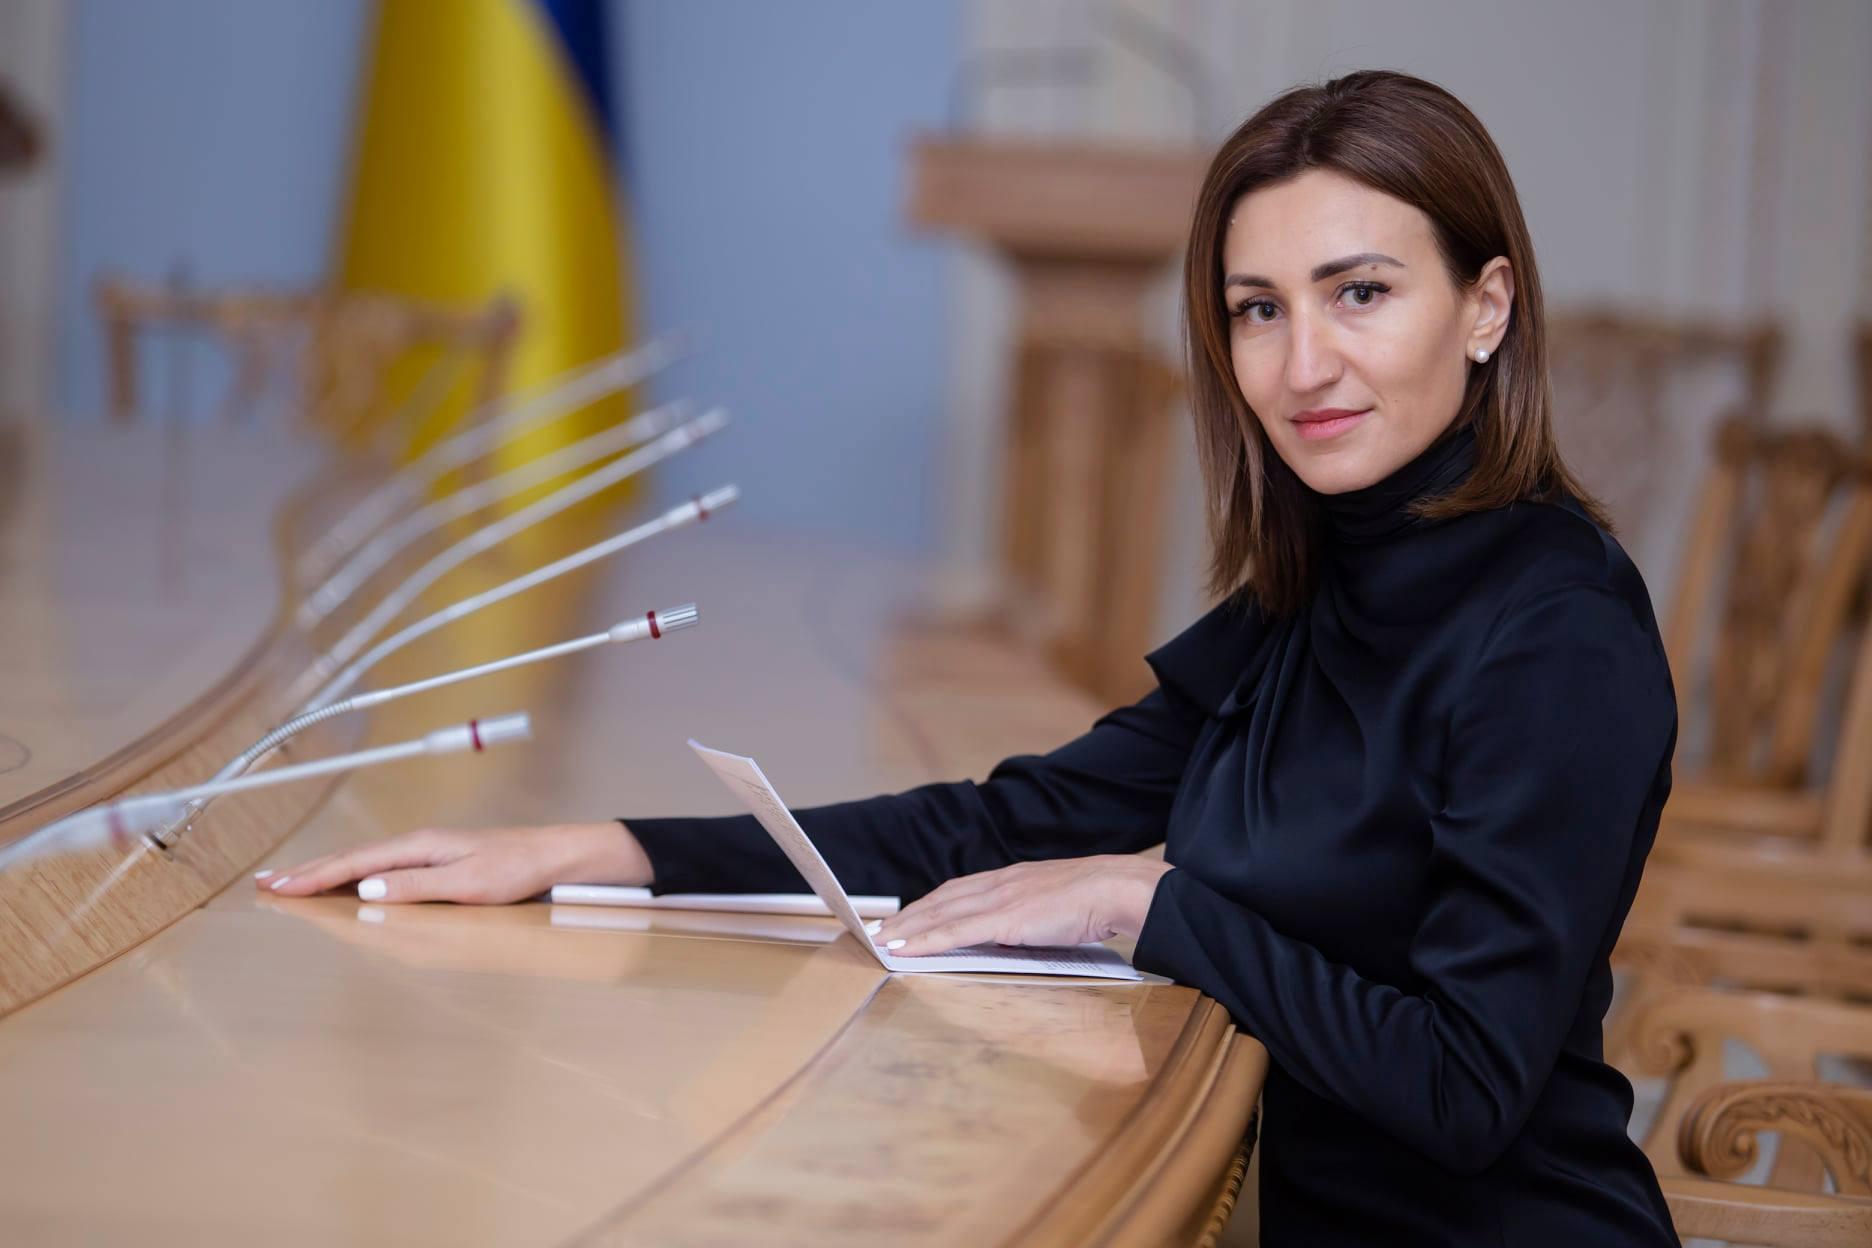 Тетяна Плачкова (фото: фейсбук)